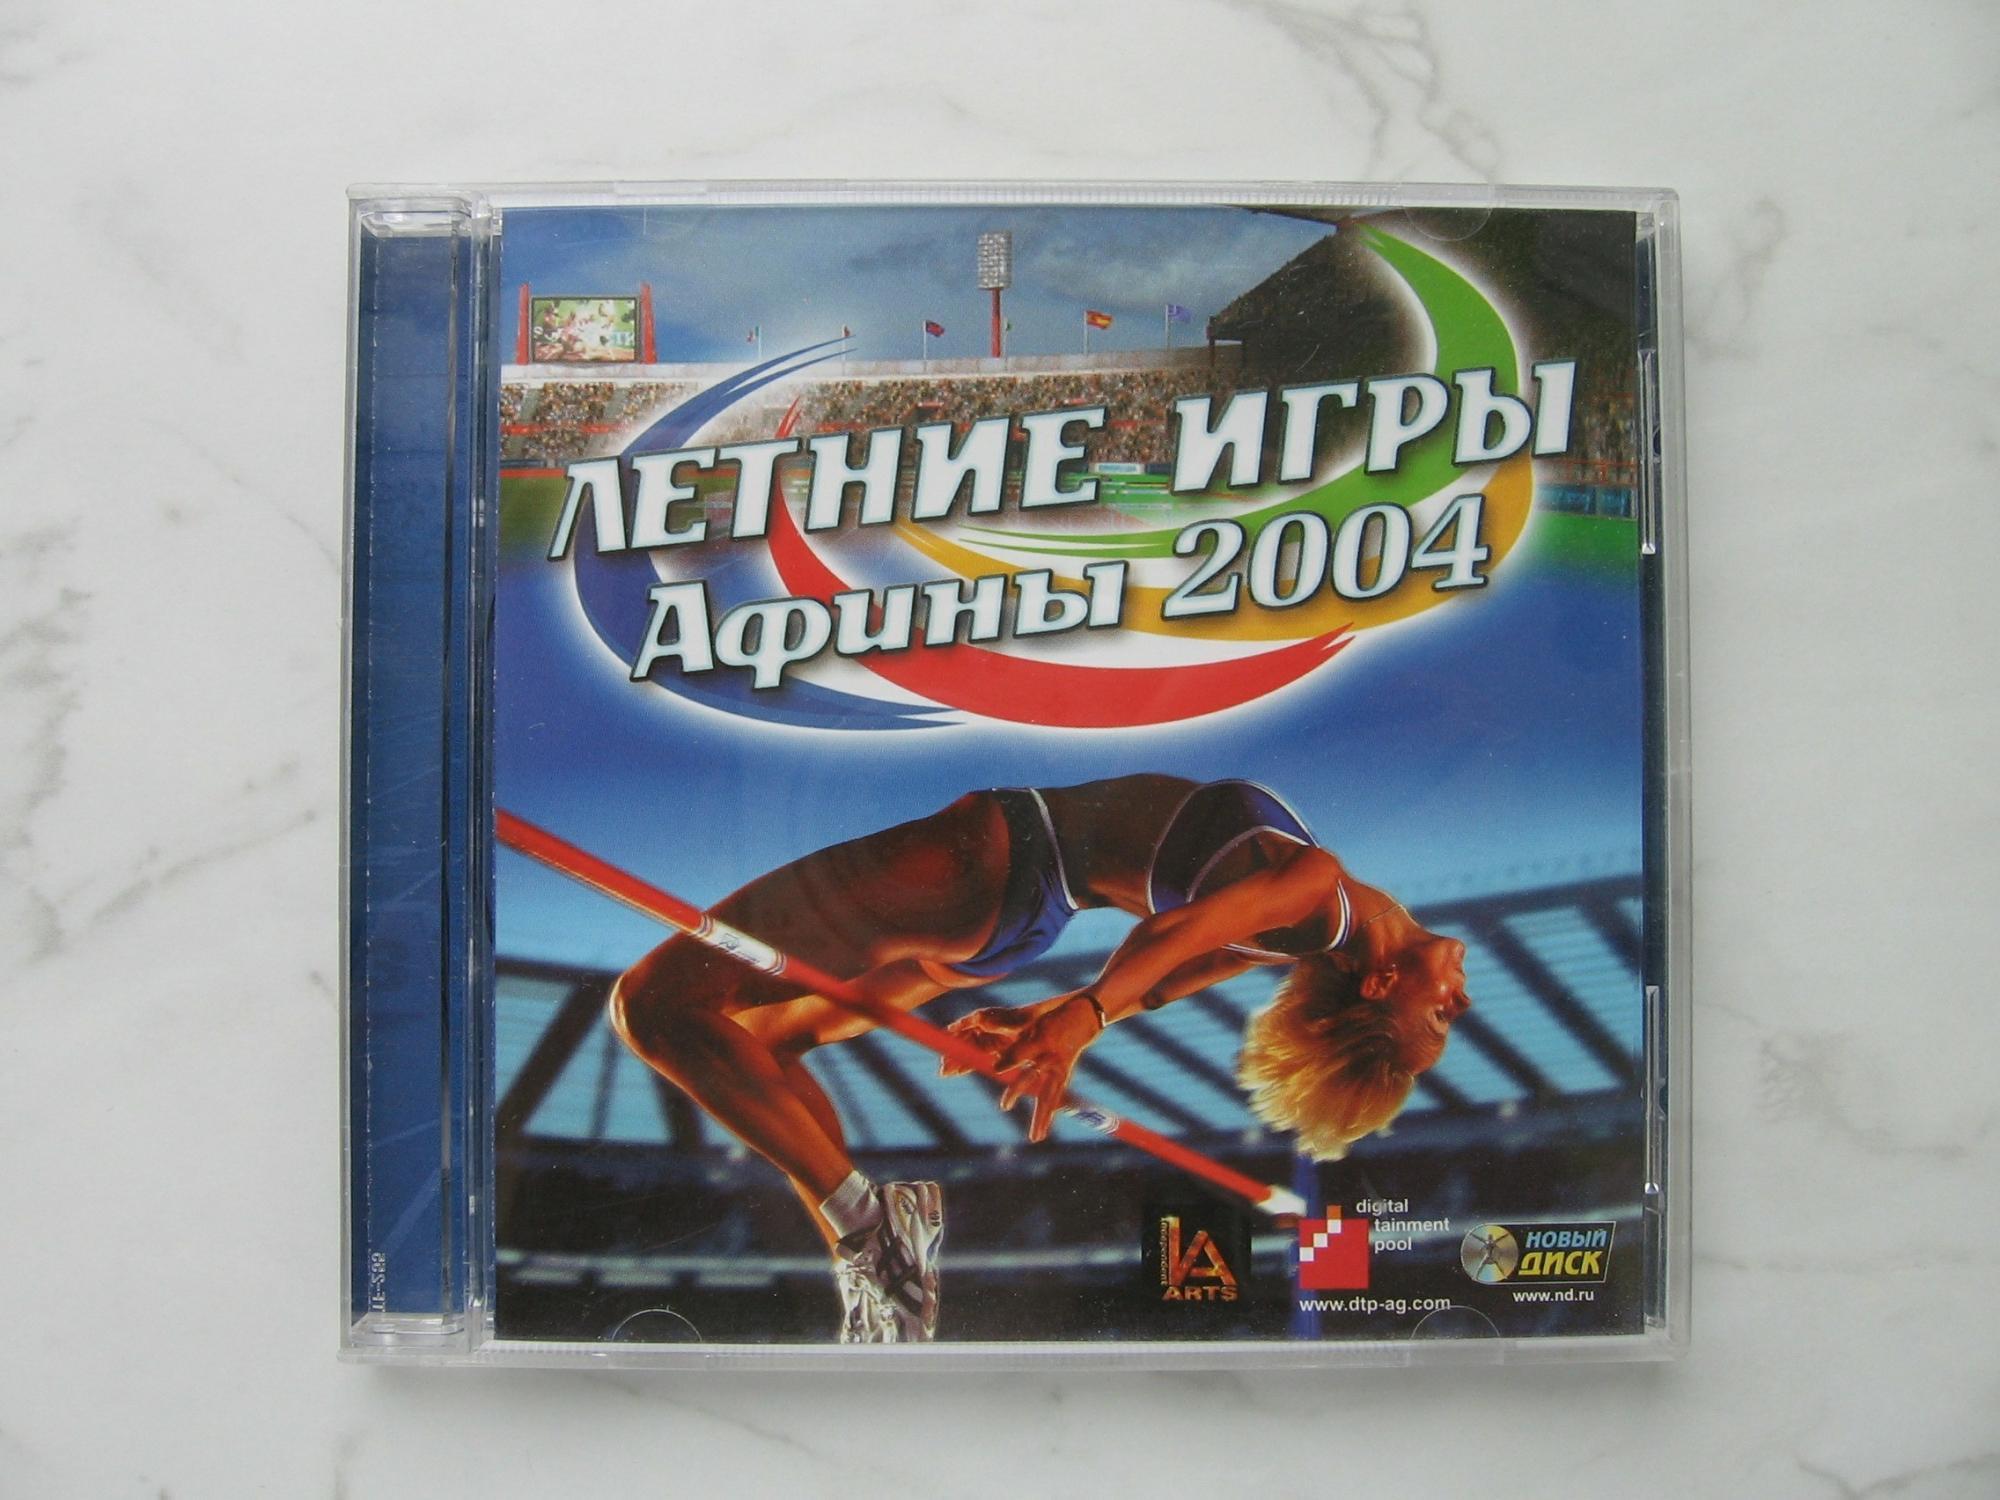 Игра Летние игры Афины 2004 89152130460 купить 1